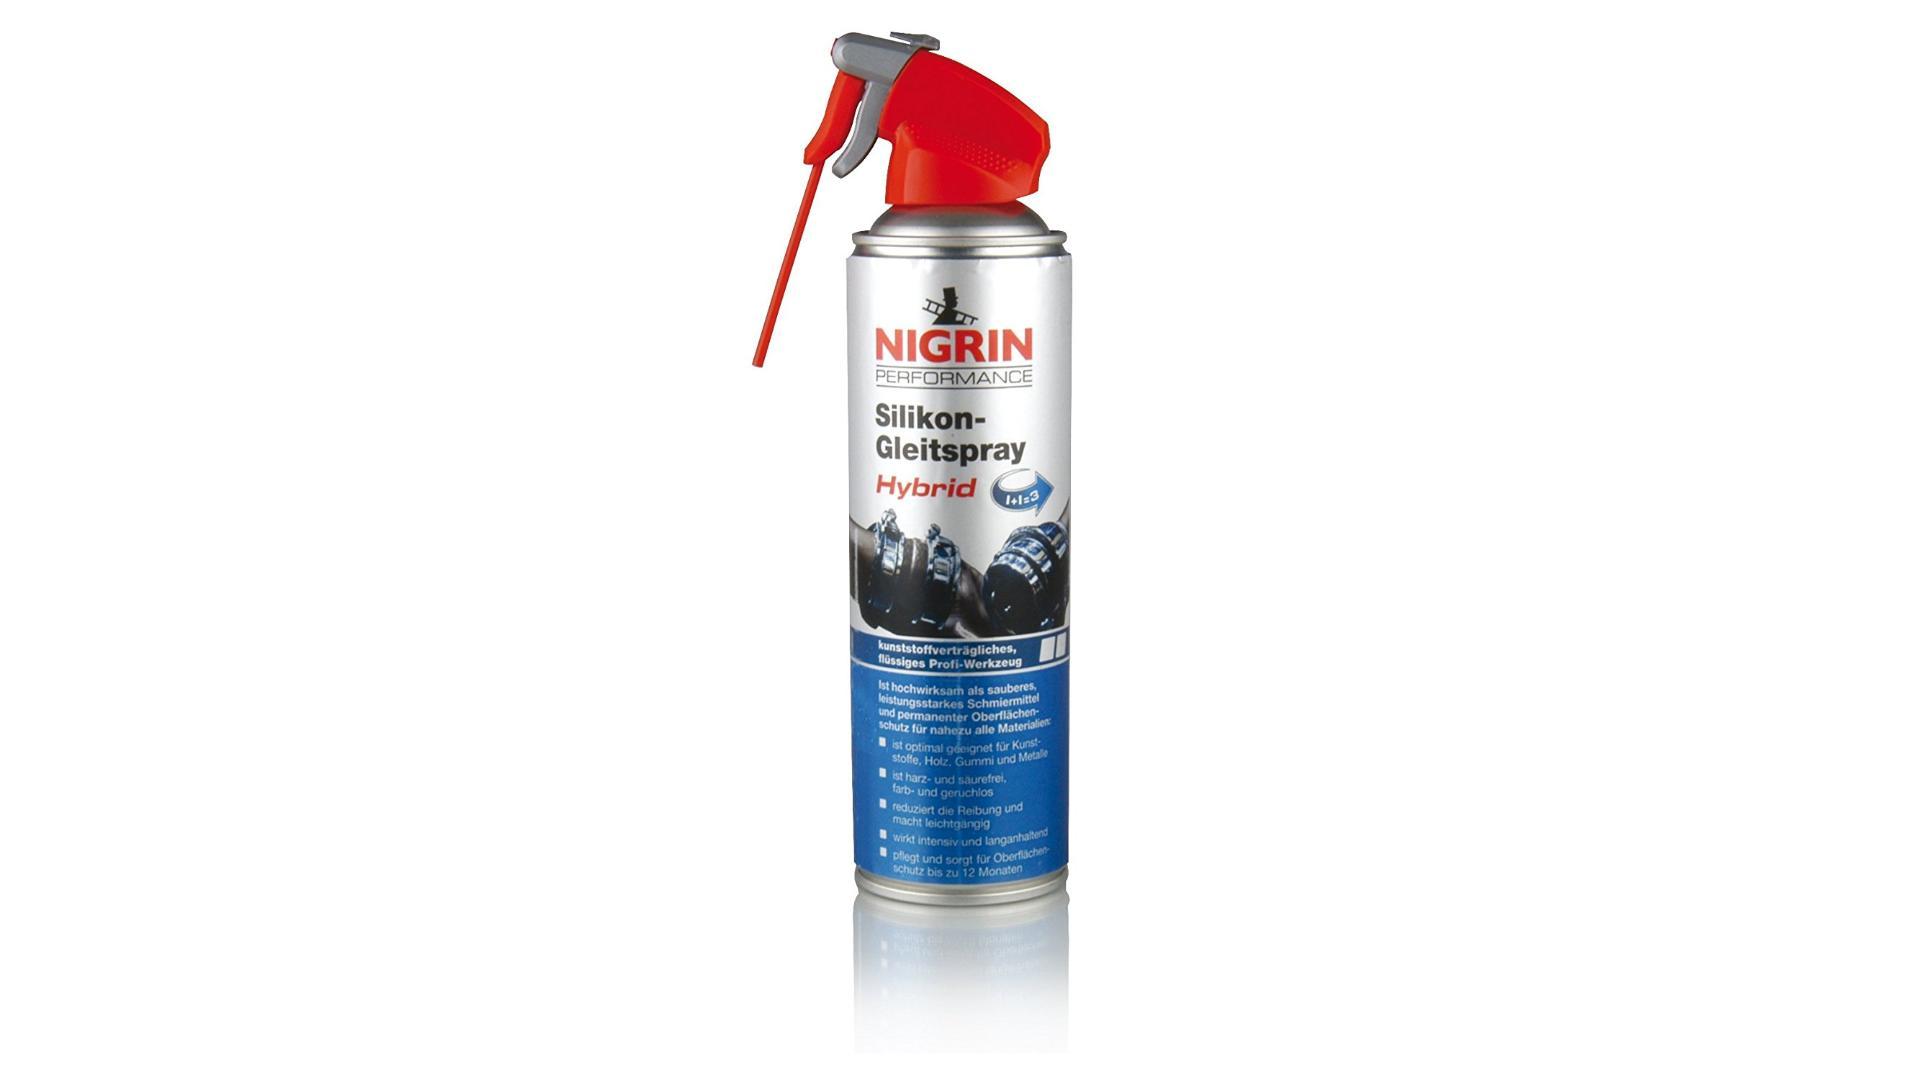 NIGRIN Silicone Oil Spray 500ml HyBrid